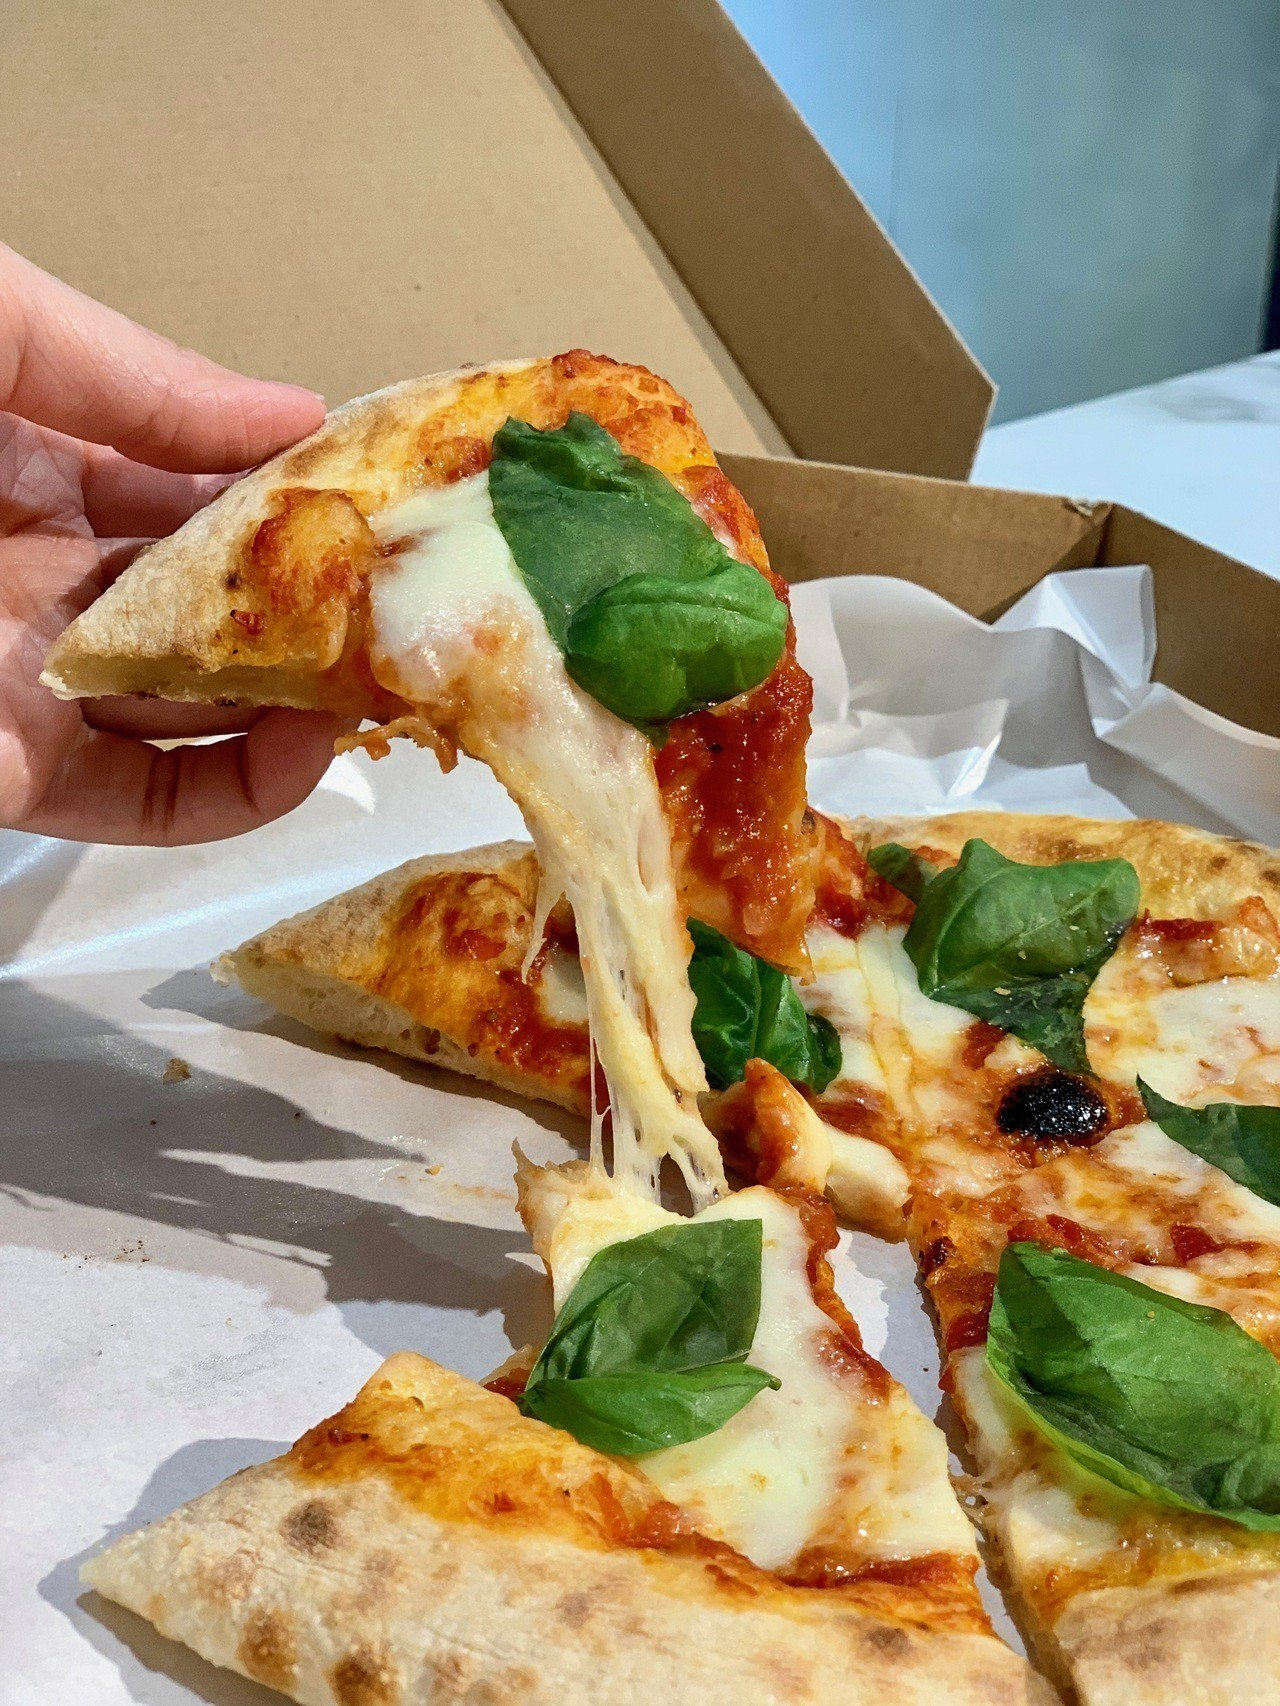 微風超市南京店,提供新鮮現做Pizza披薩等多款熟食。記者張芳瑜/攝影